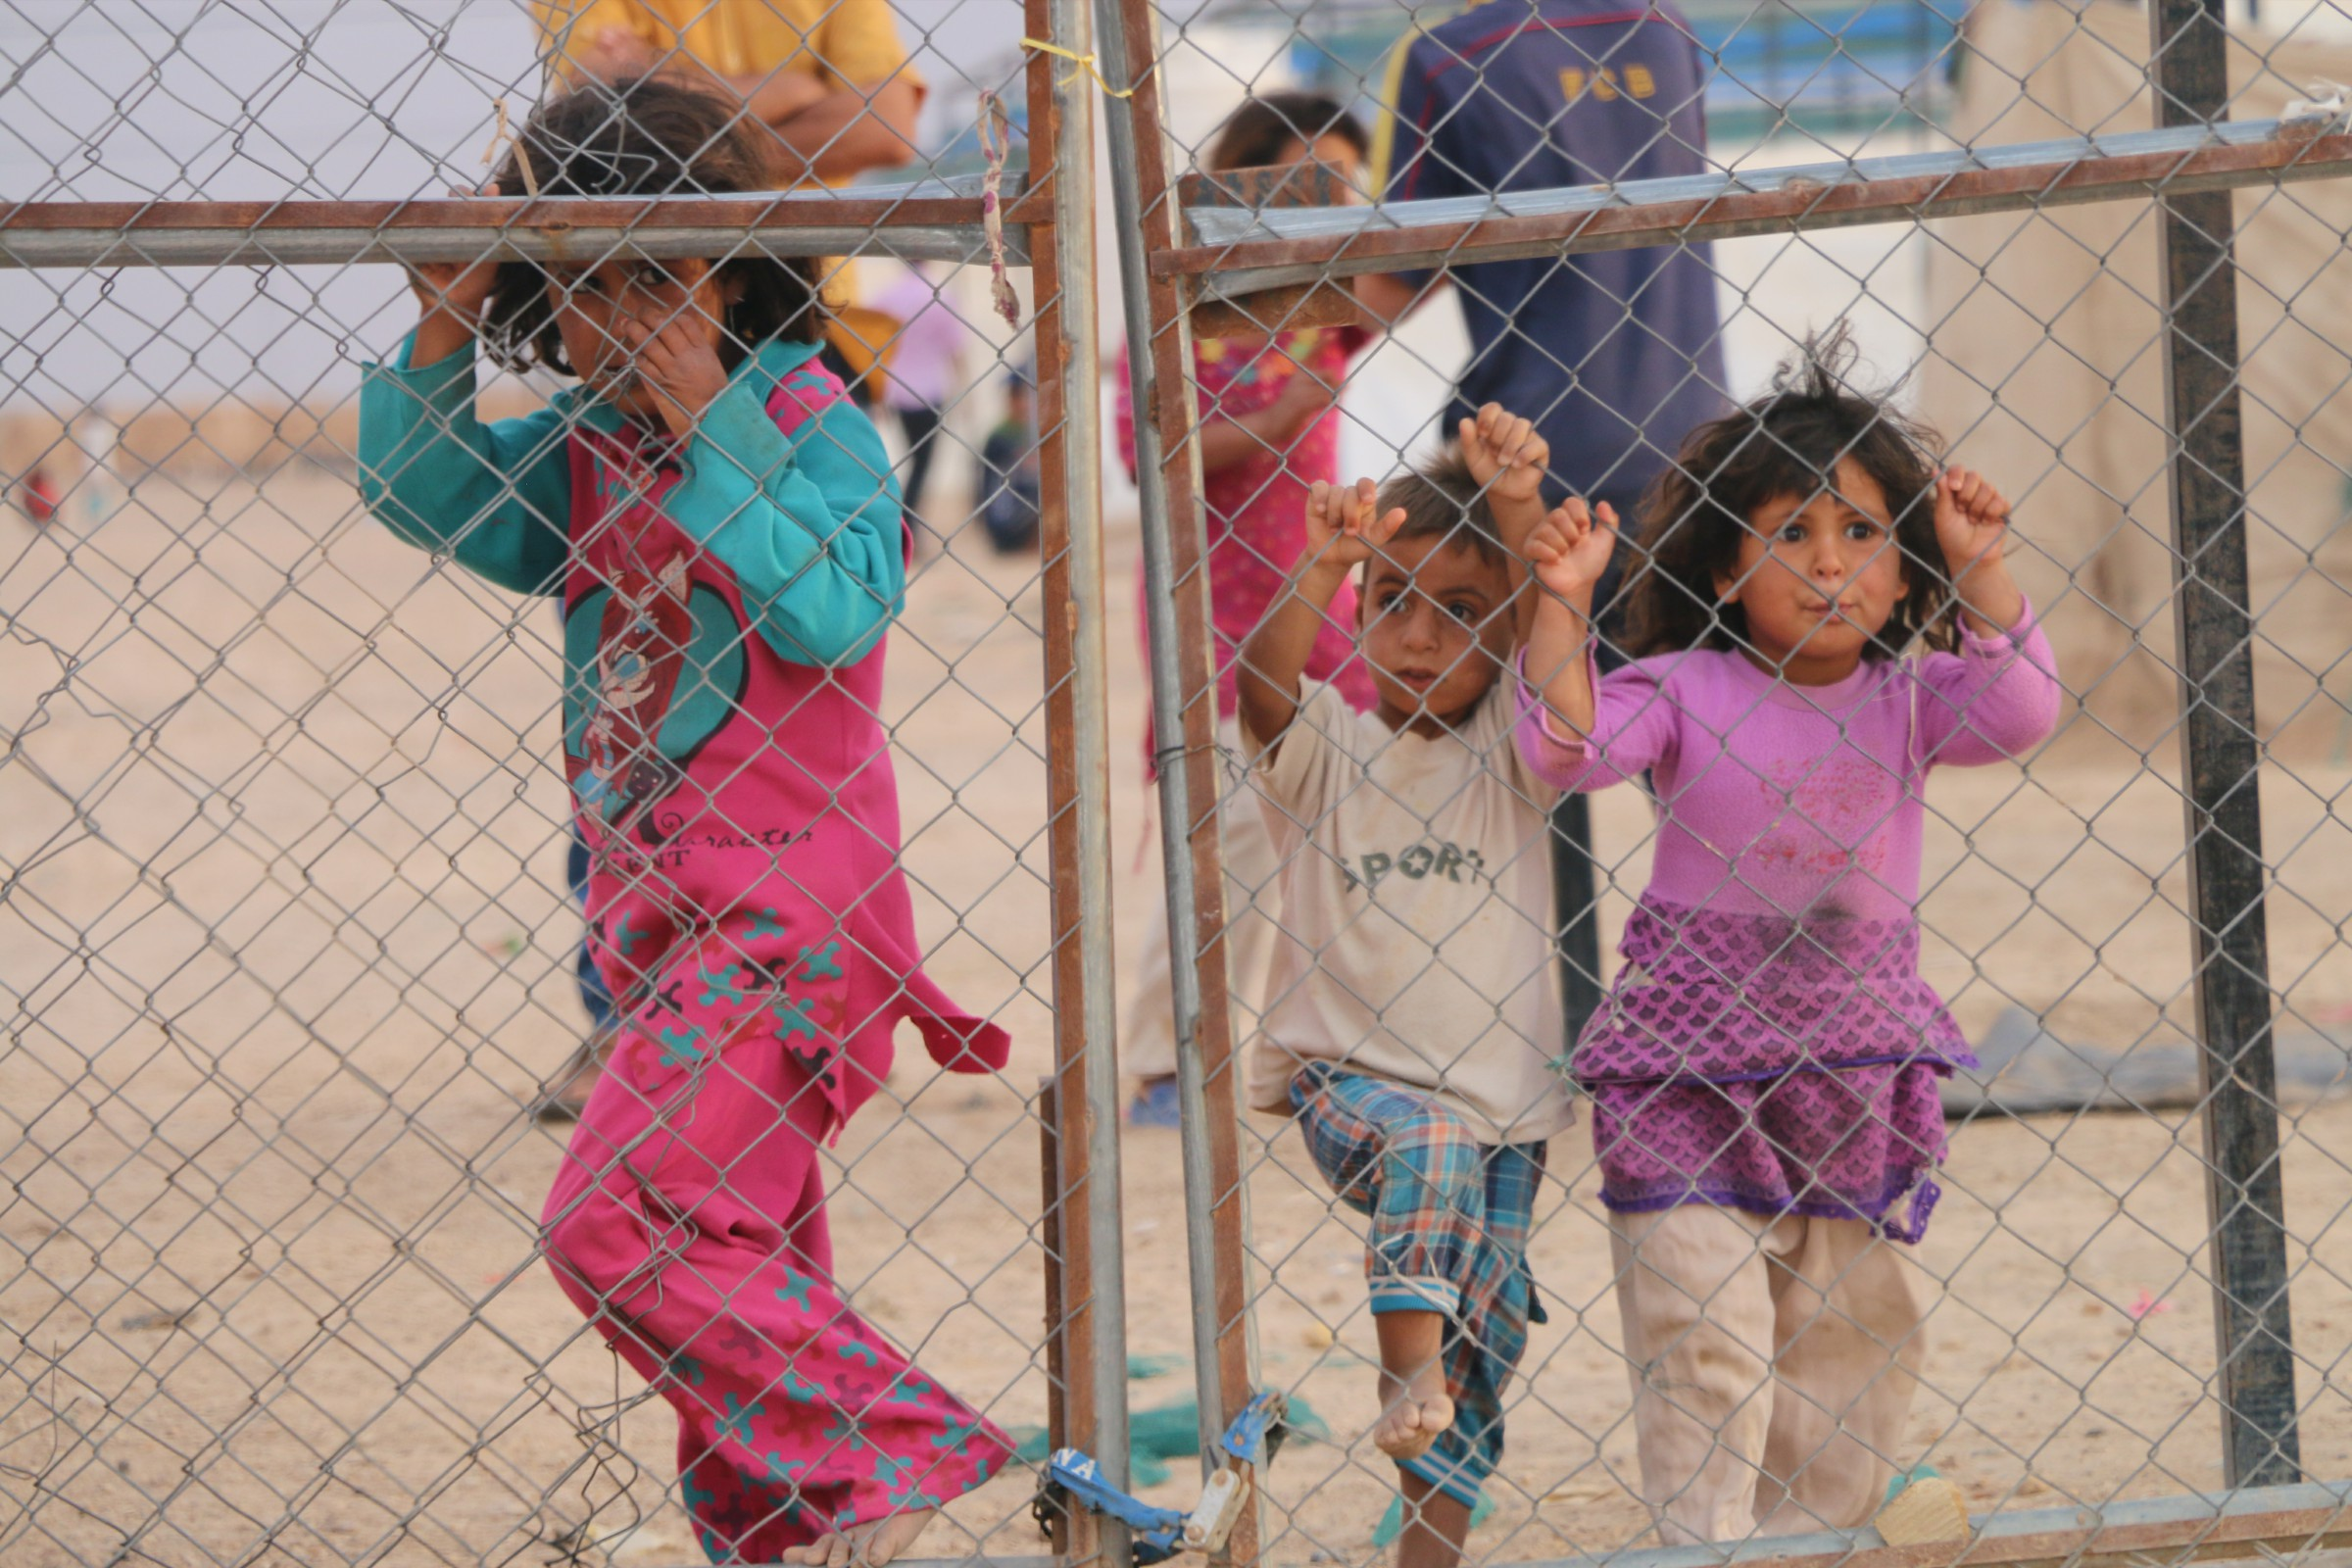 وفاة طفلة نازحة نتيجة ارتفاع درجات الحرارة في مخيمات الأنبار